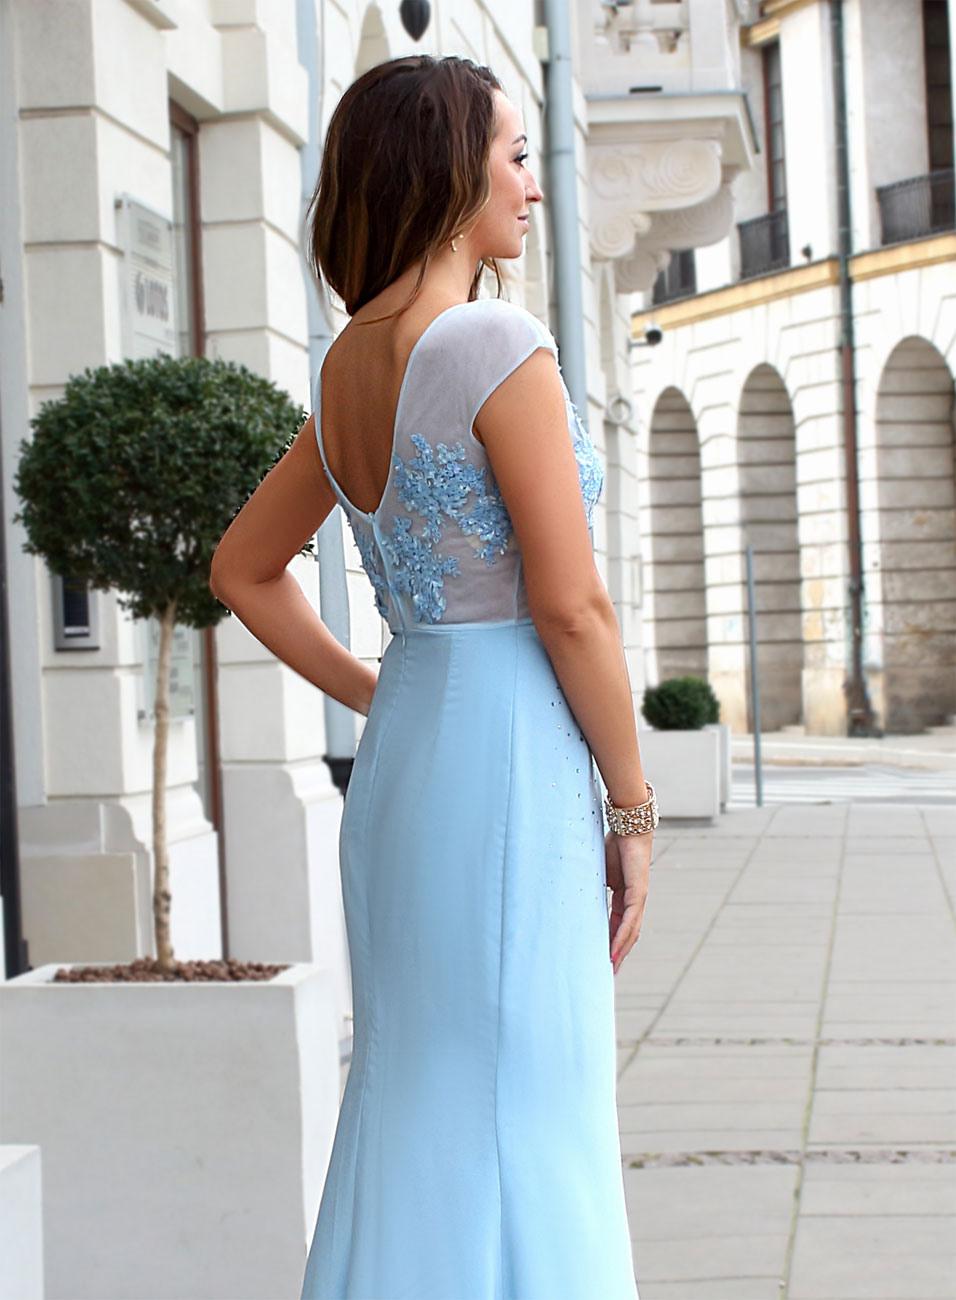 Formal Top Hellblaues Abendkleid Stylish13 Luxus Hellblaues Abendkleid Galerie